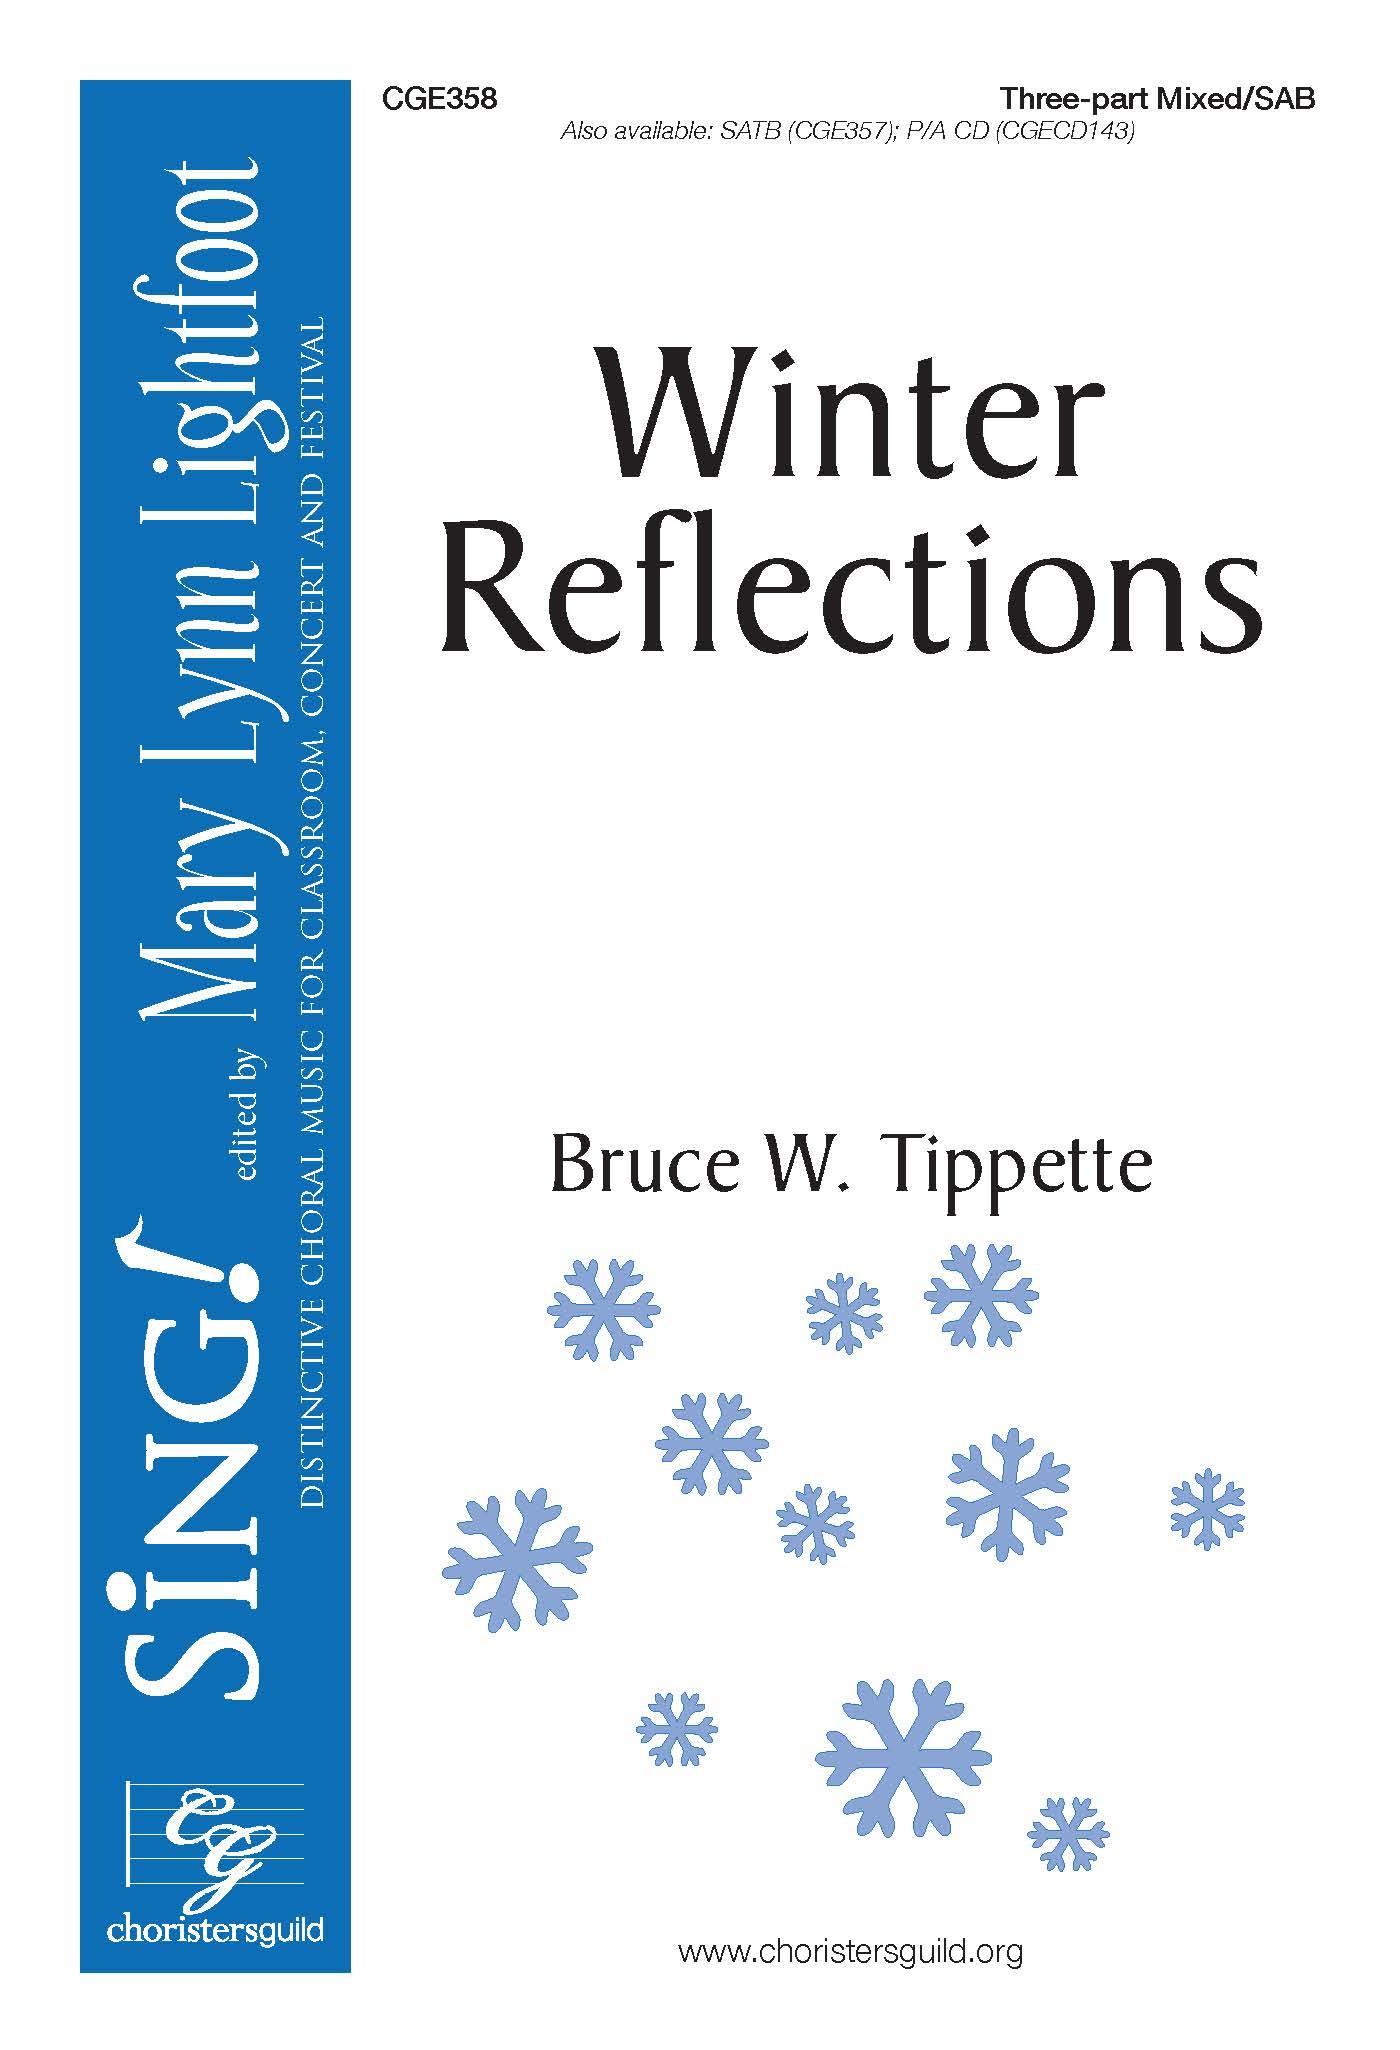 Winter Reflections - Three-part Mixed/SAB